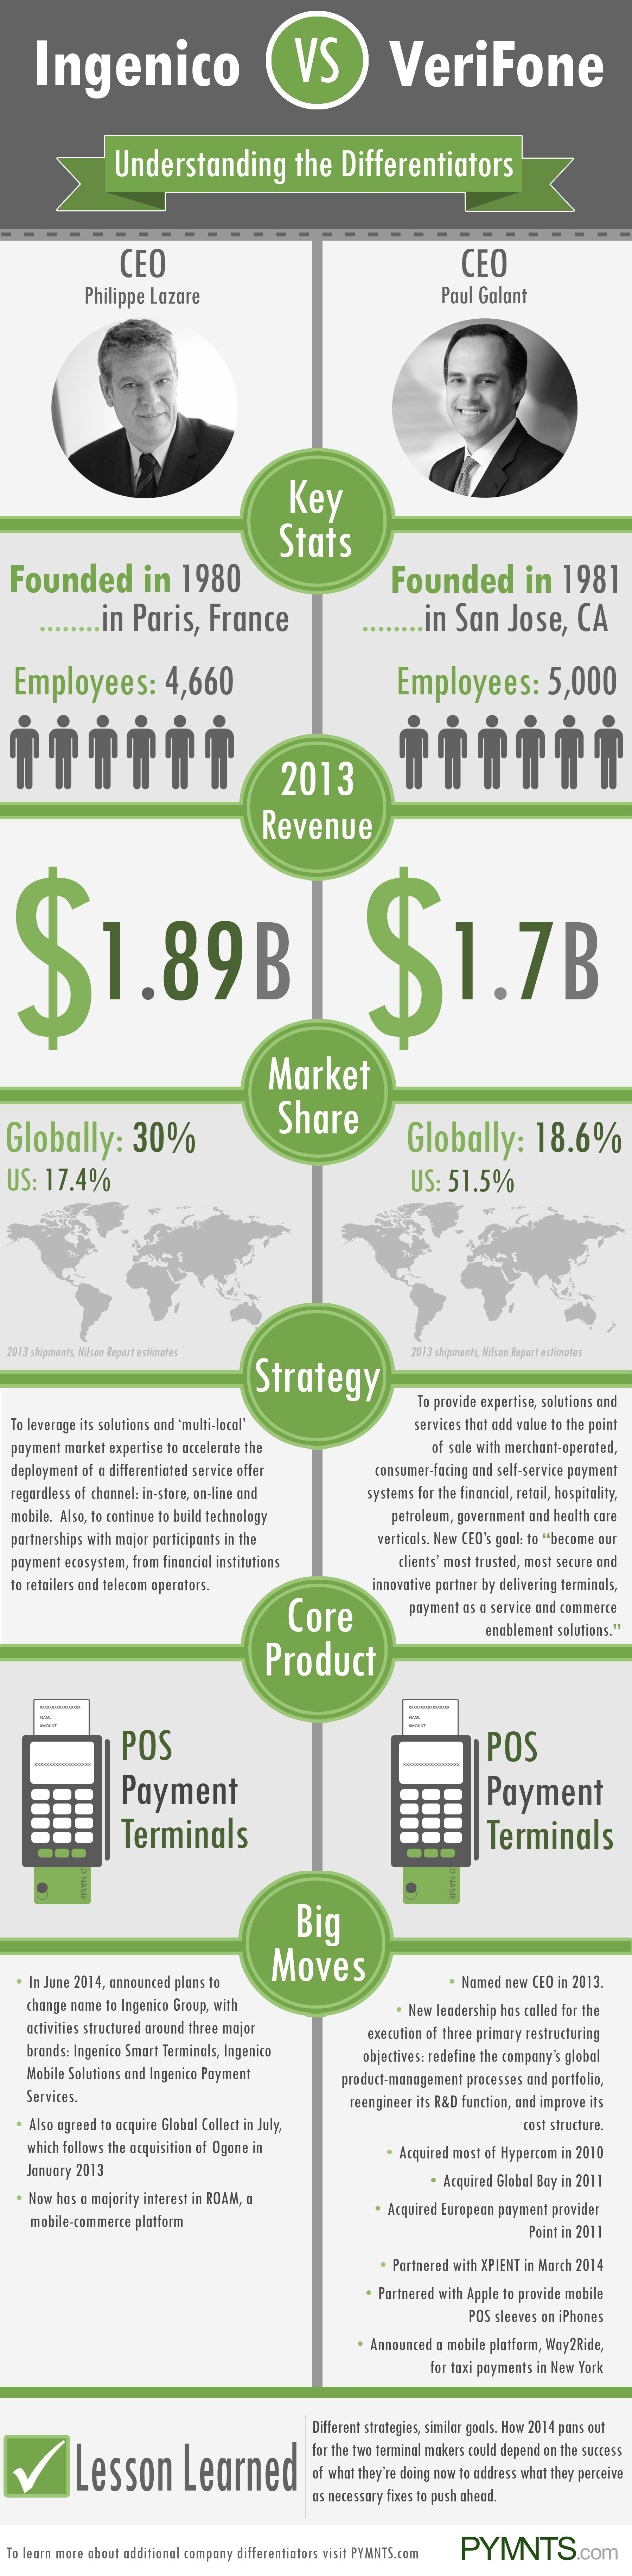 Ingenico VS VeriFone - PYMNTS Infographic